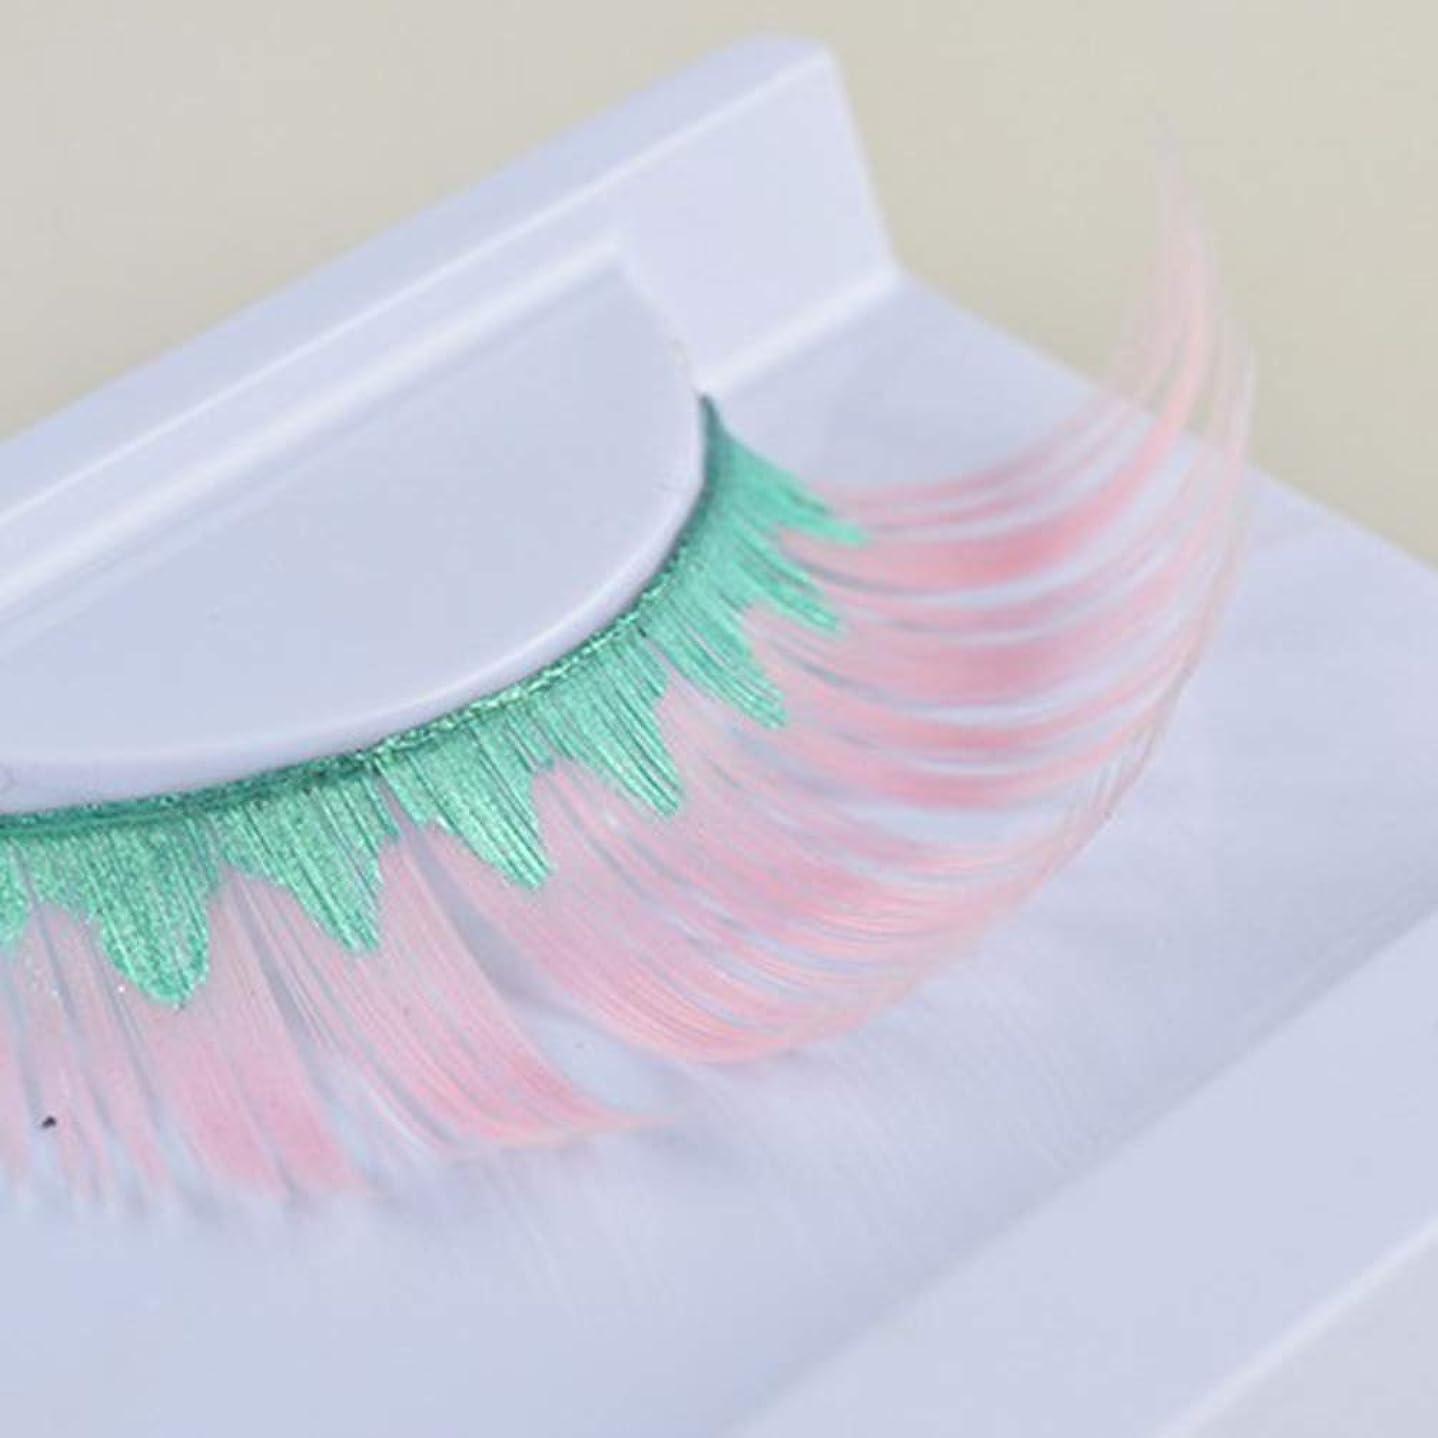 ビジョン弾性思いやり(ライチ) Lychee (ライチ) Lychee 2ペアはいり つけまつげ グリーン ピンク色 色つき 濃密 誇張 欧米スタイル ふんわりロング 手作り パーティー用 ステージメイク 長持ち